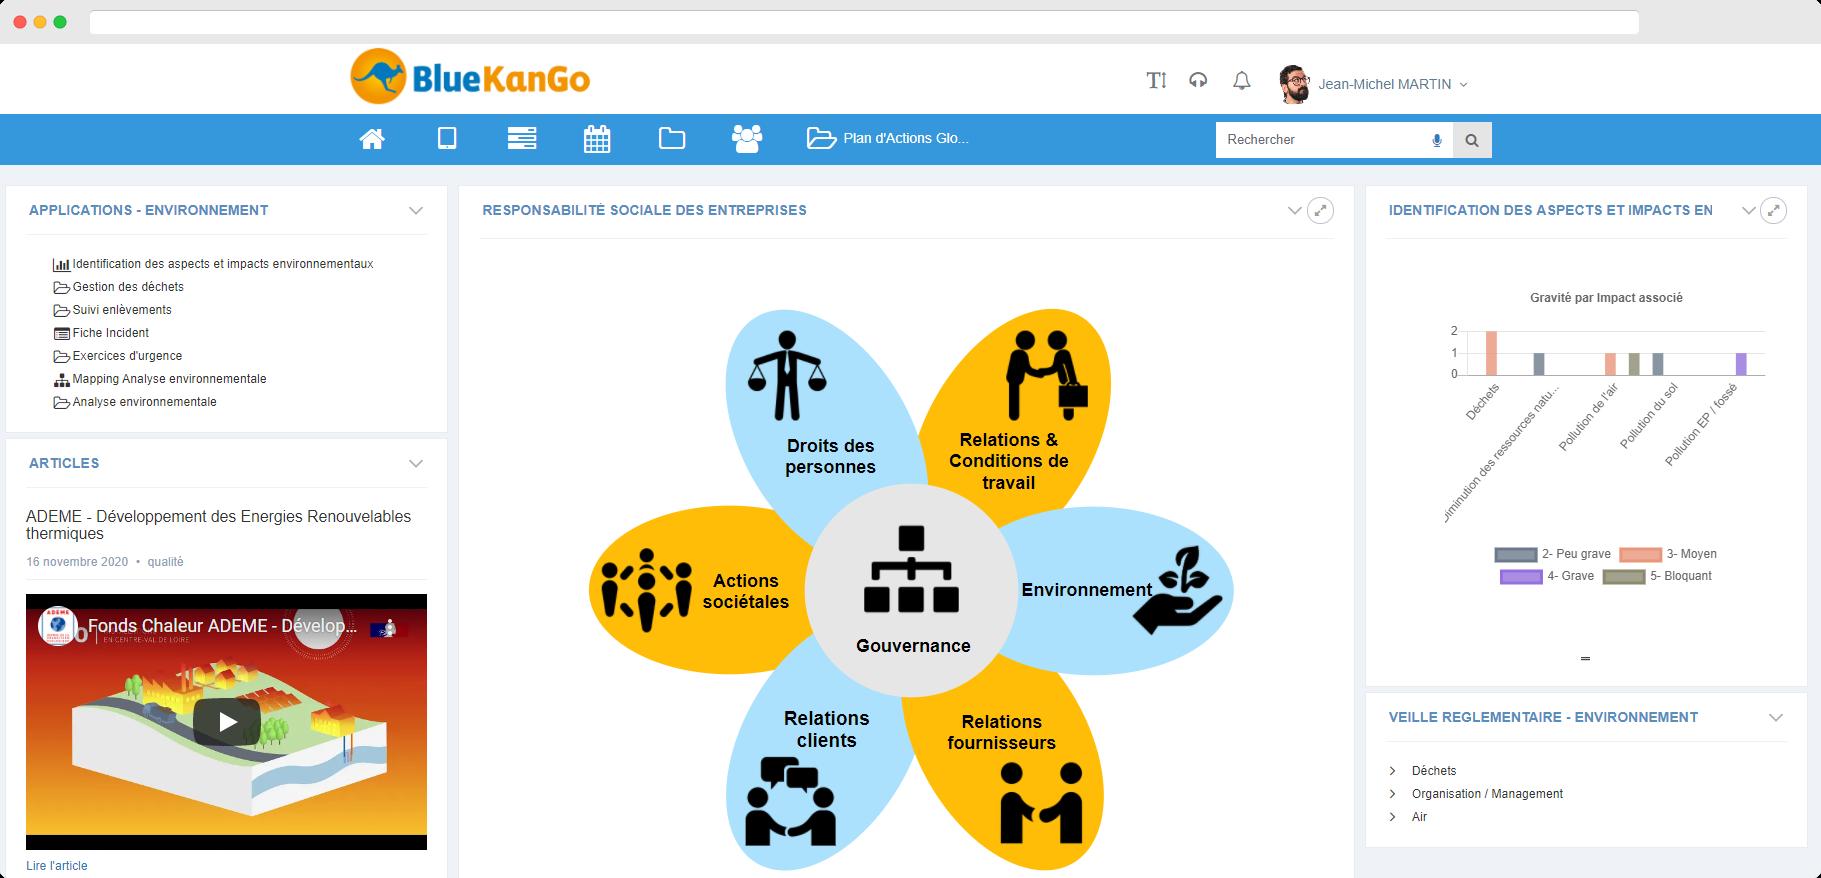 Tableau de bord BlueKanGo sur le développement durable